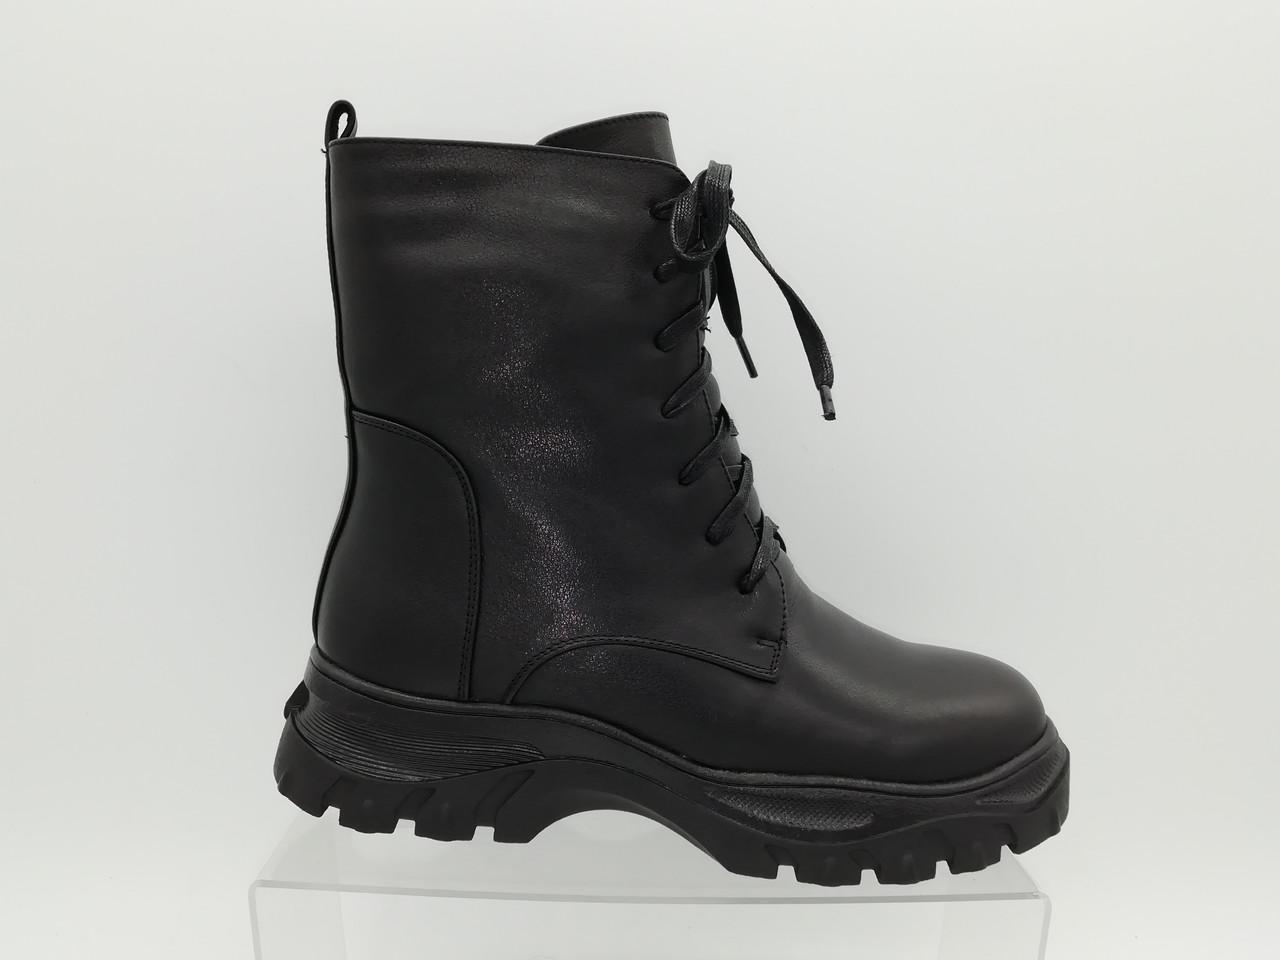 Черные кожаные зимние ботинки.Полусапоги.Erisses. Маленькие размеры ( 33 - 35).